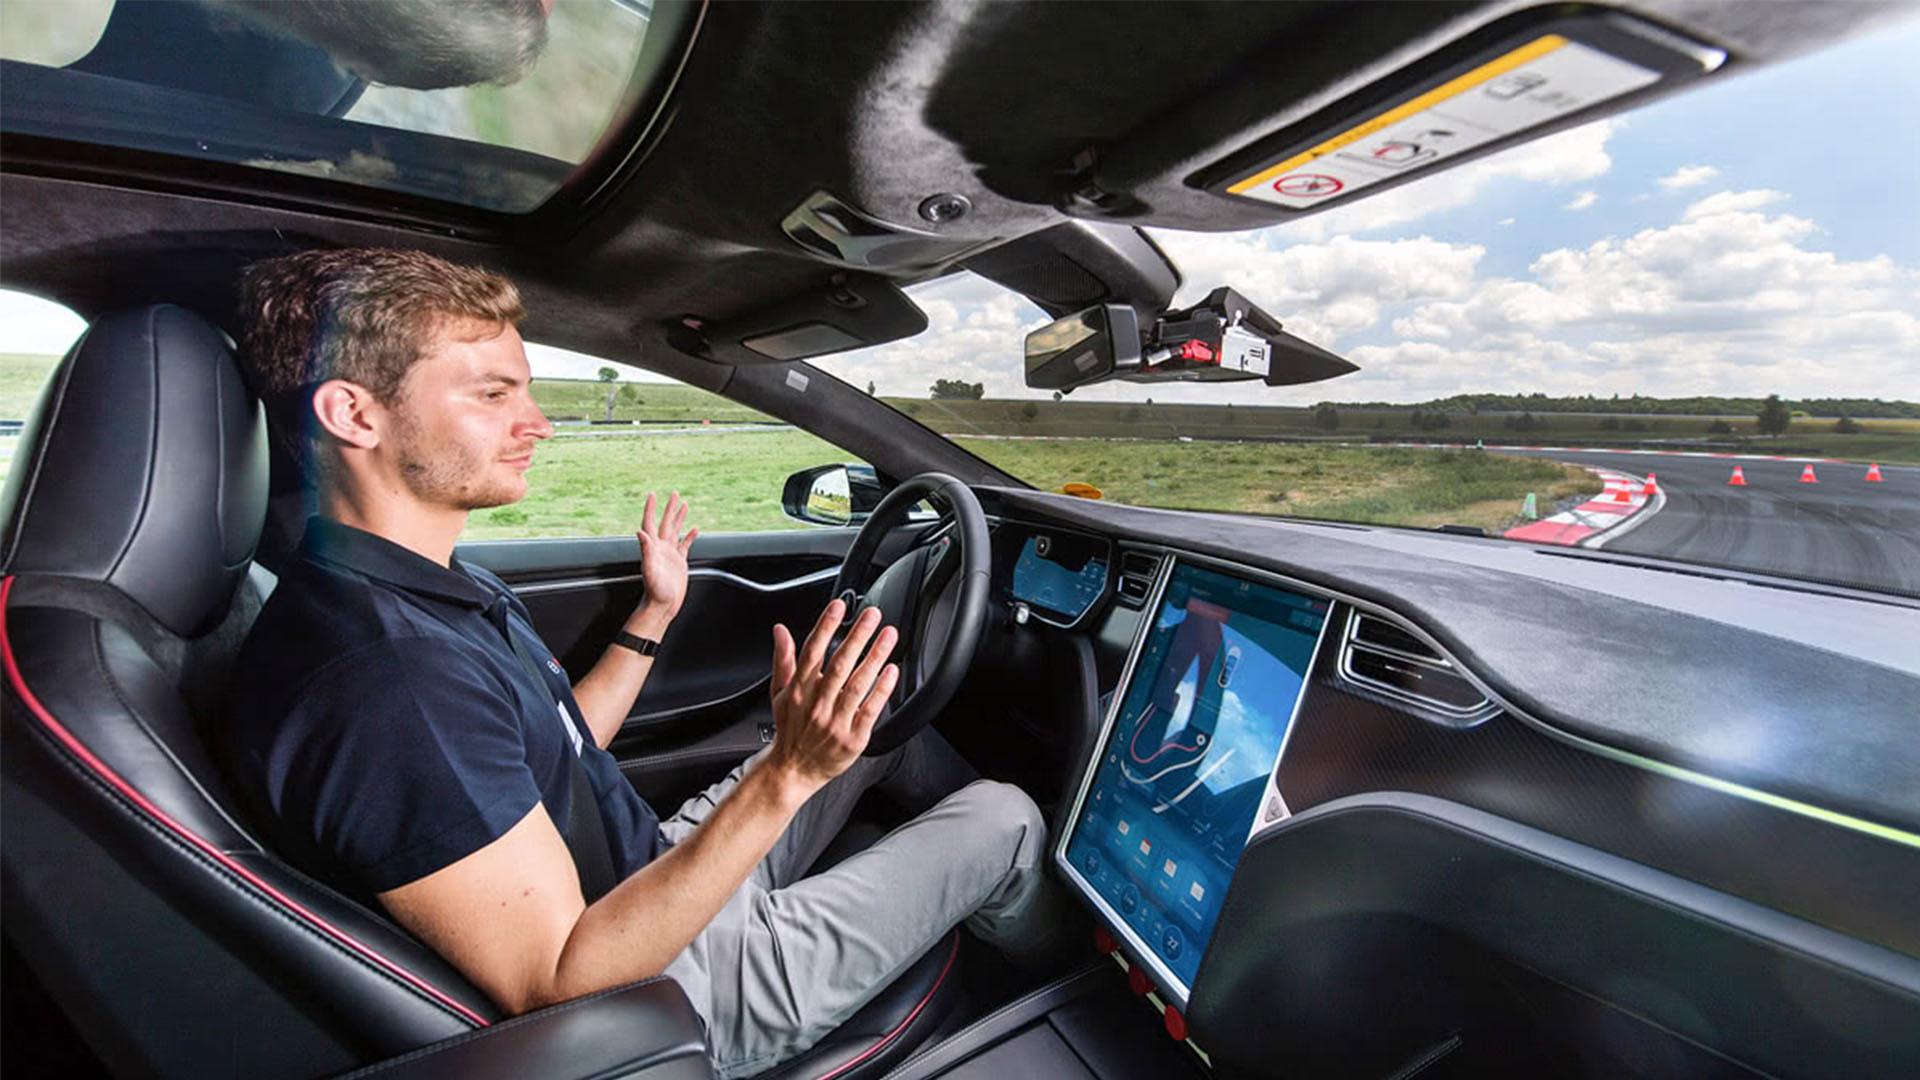 В этом году на дорогах появятся беспилотные автомобили. Как быстро беспилотники вытеснят водителей такси?